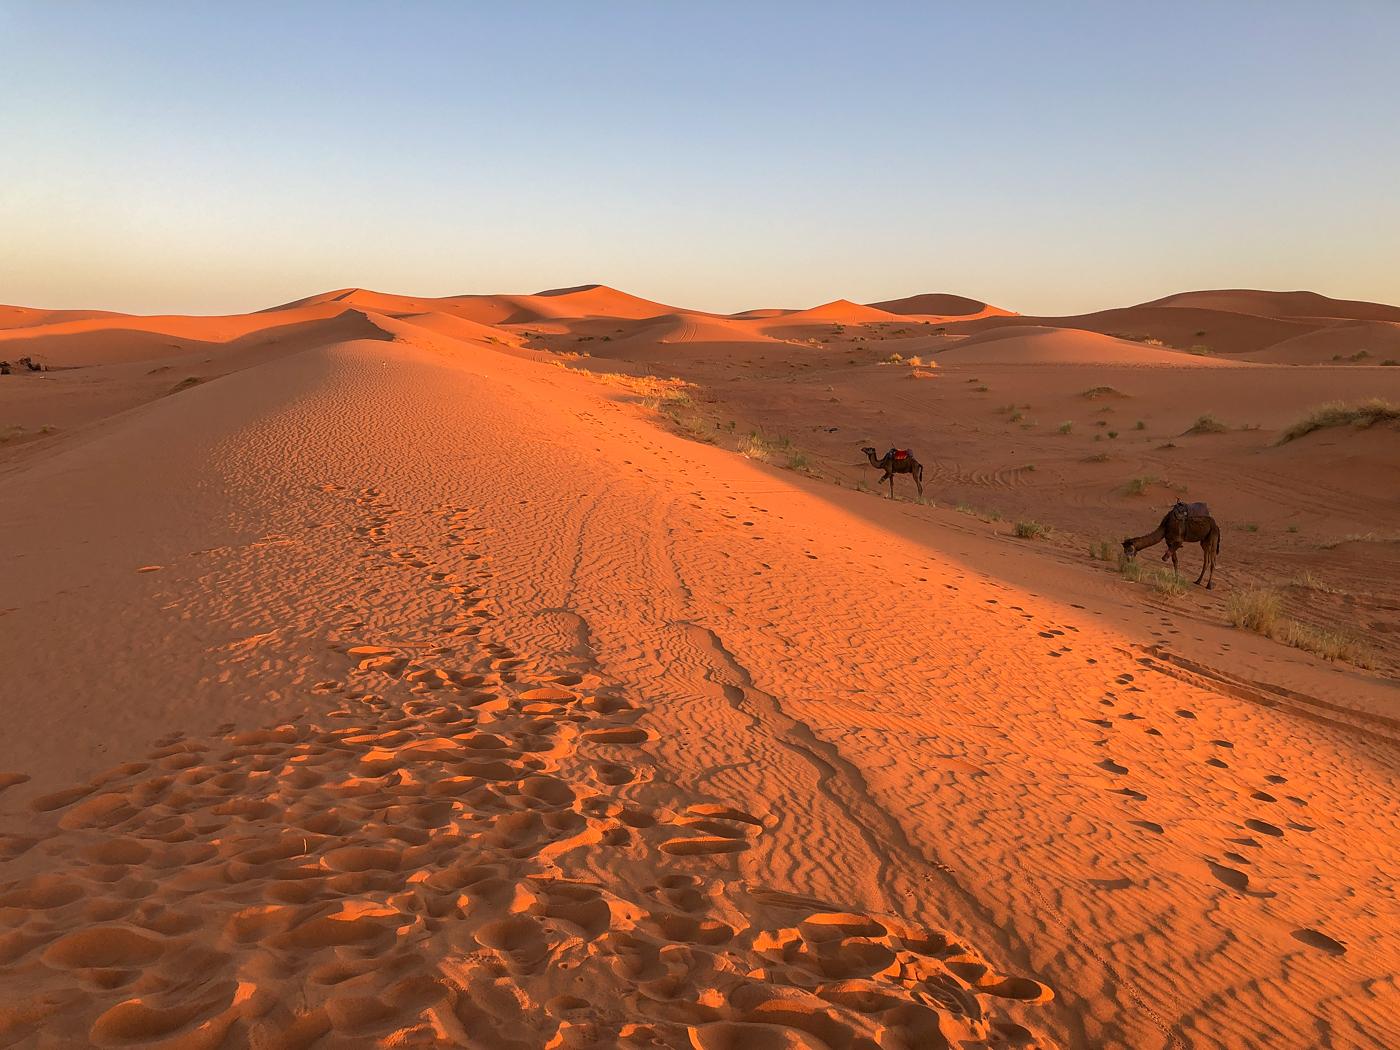 Petit matin au bivouac de Merzouga - Nuit dans le désert du Sahara au Maroc